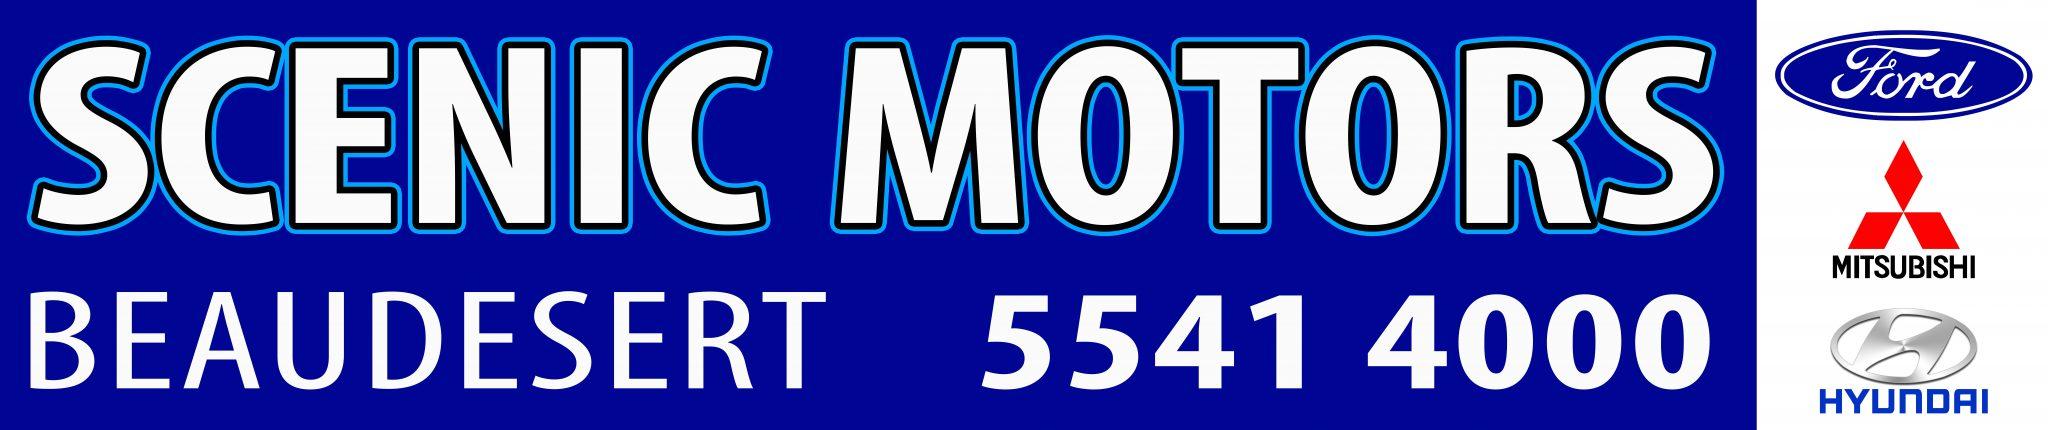 Scenic Motors 2285 x 480